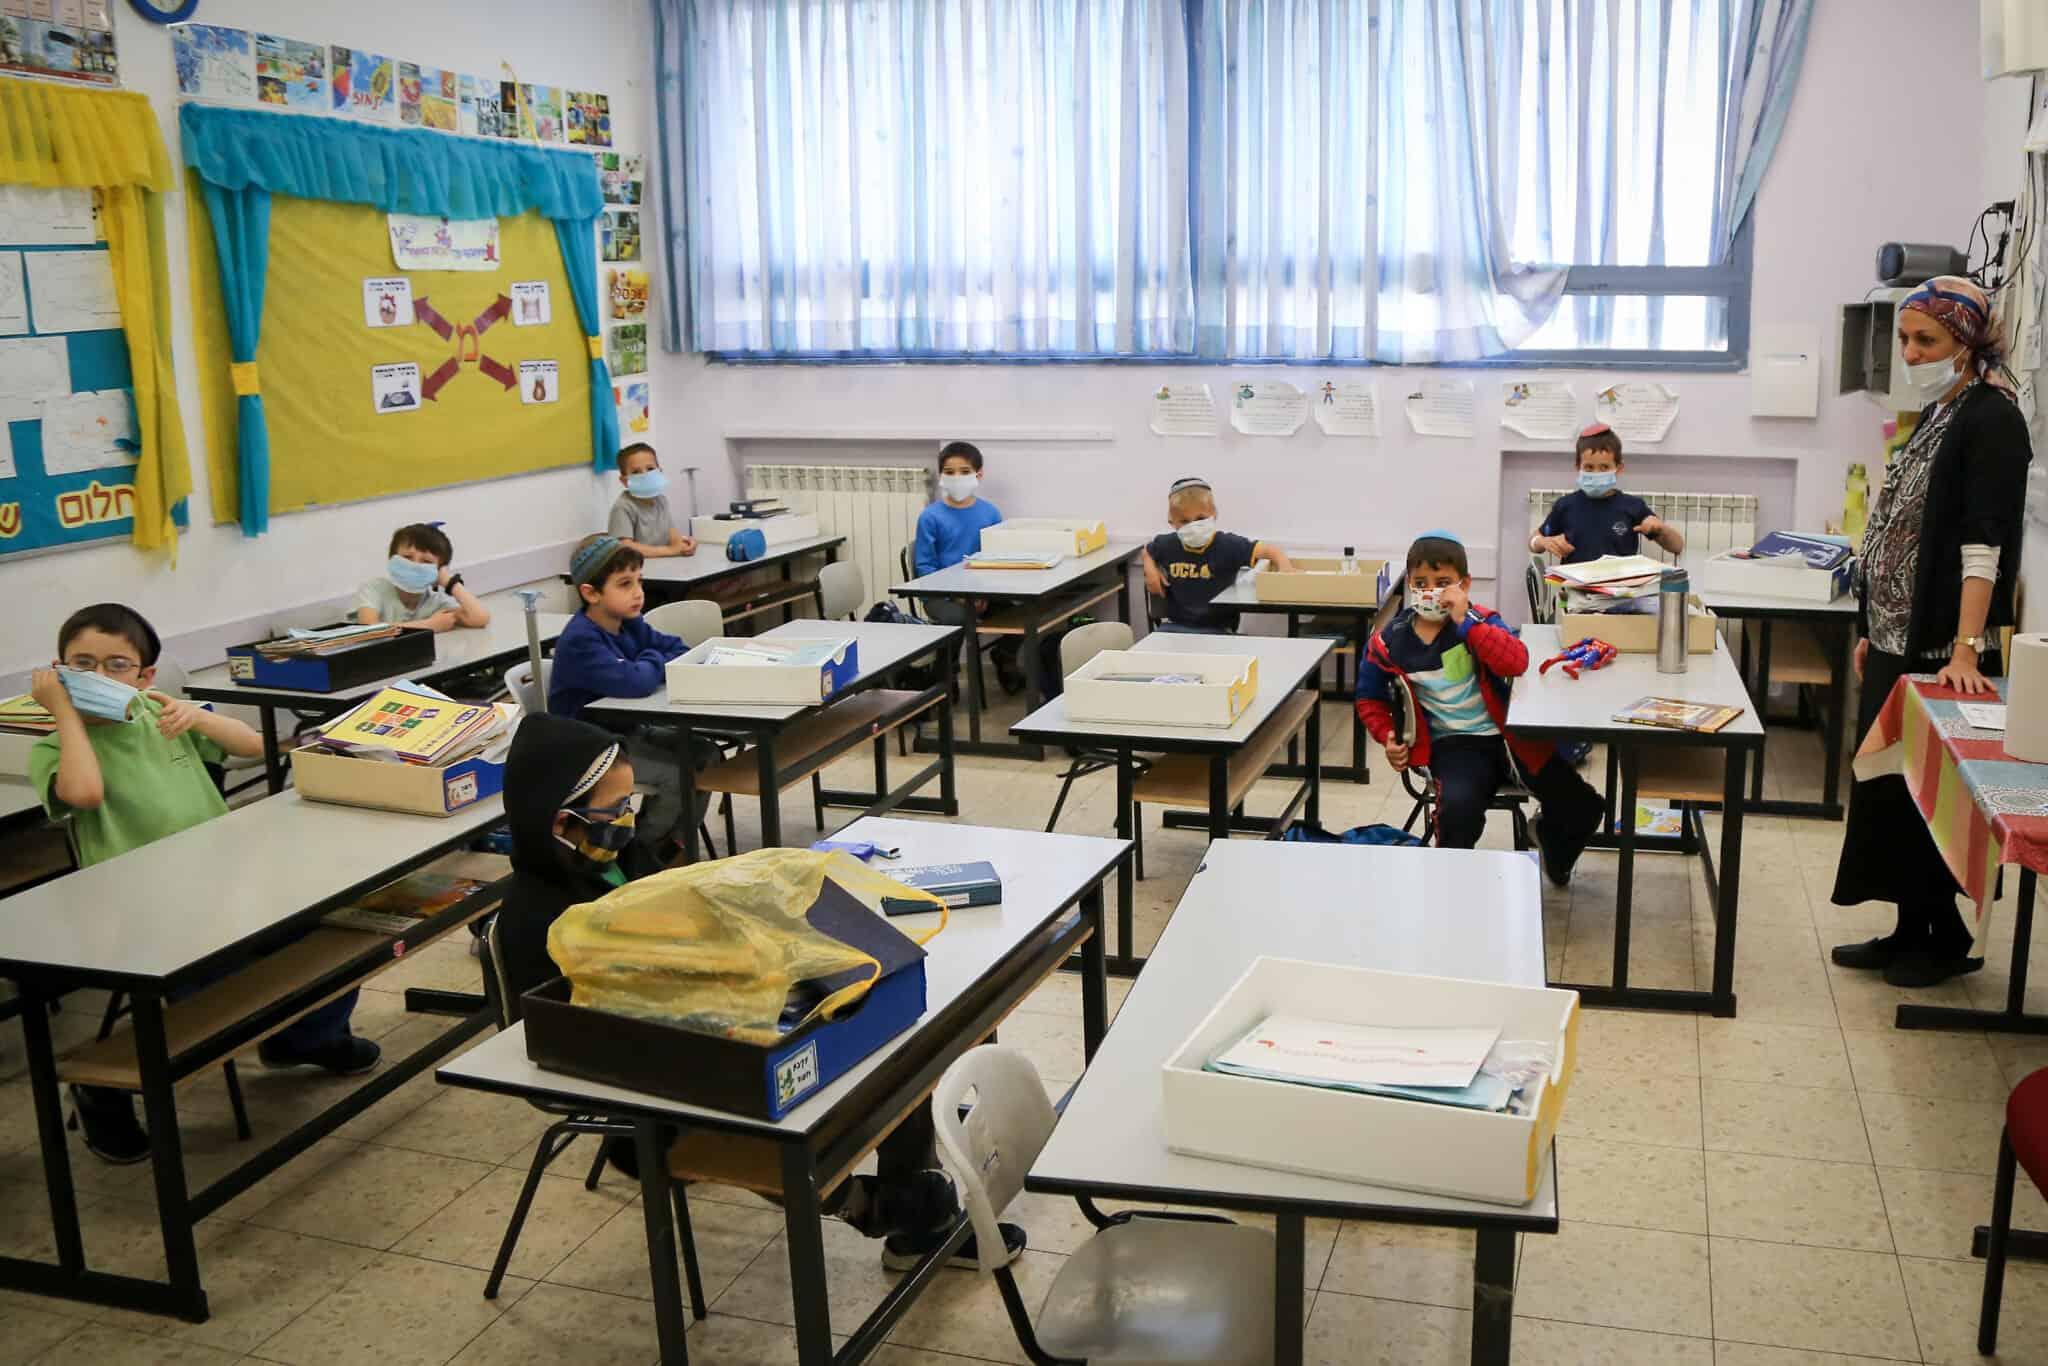 תלמידים בבית הספר אורות עציון בהתנחלות אפרת לובשים מסכות מגן עם חזרתם לבית הספר לראשונה מאז התפרצות הקורונה, 3 במאי 2020 (צילום: גרשון אלינסון/פלאש90)